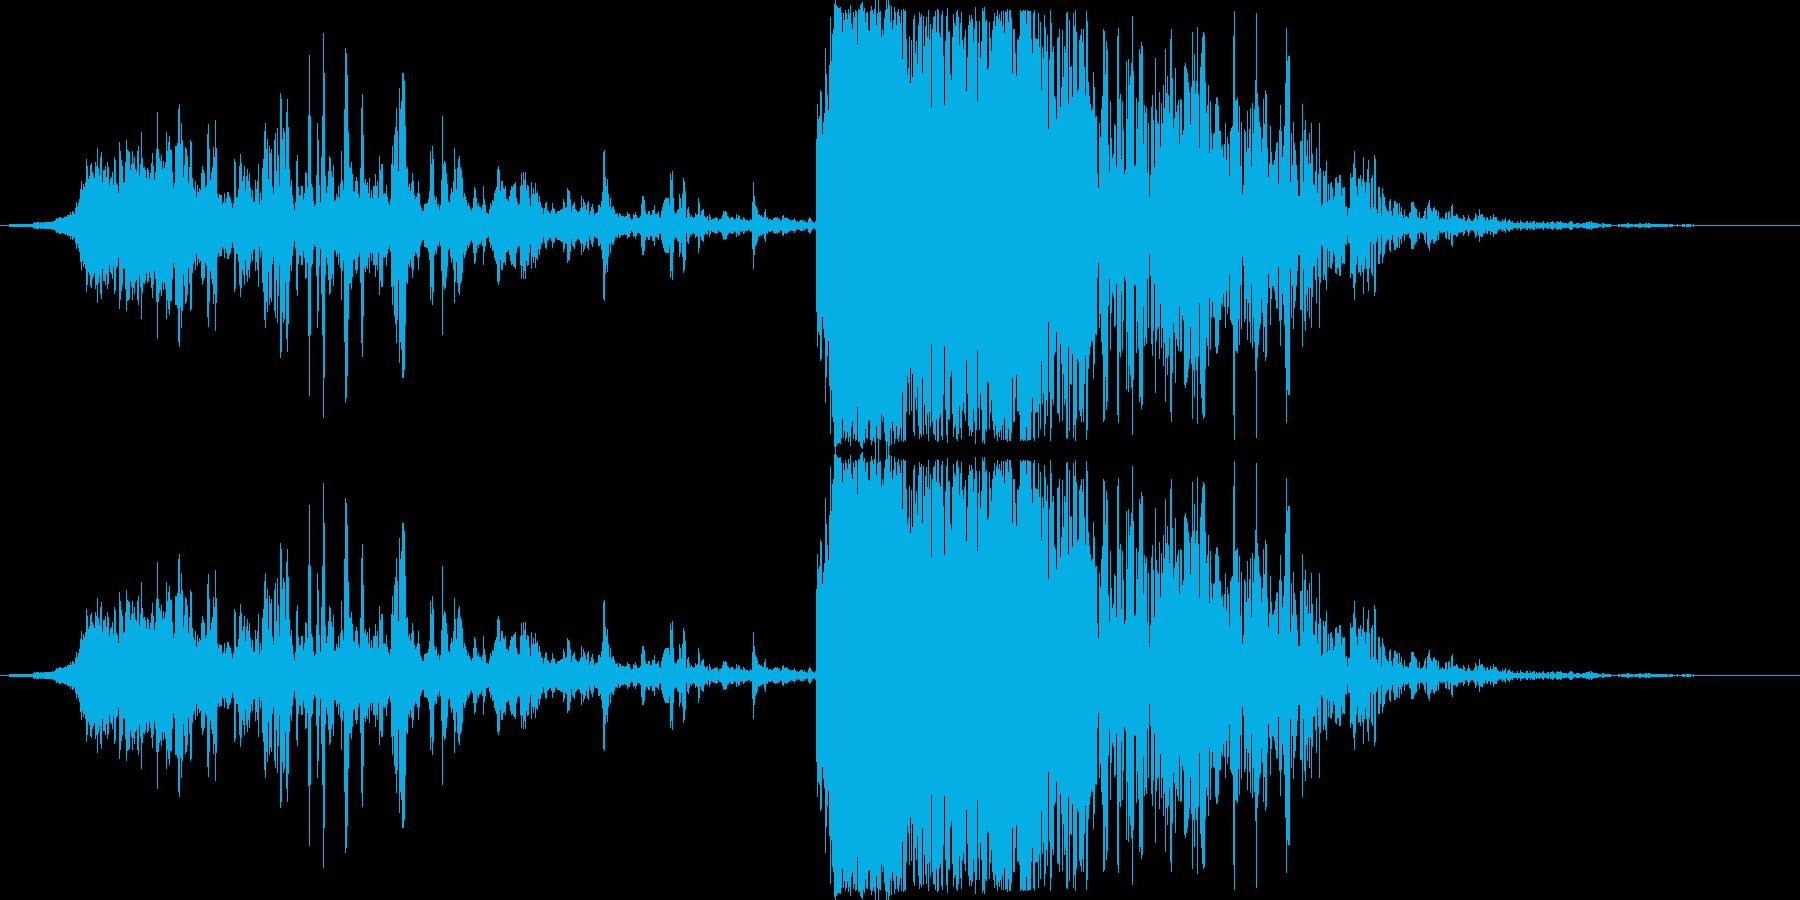 発射〜着弾のイメージ(ヒューン〜ドン)の再生済みの波形